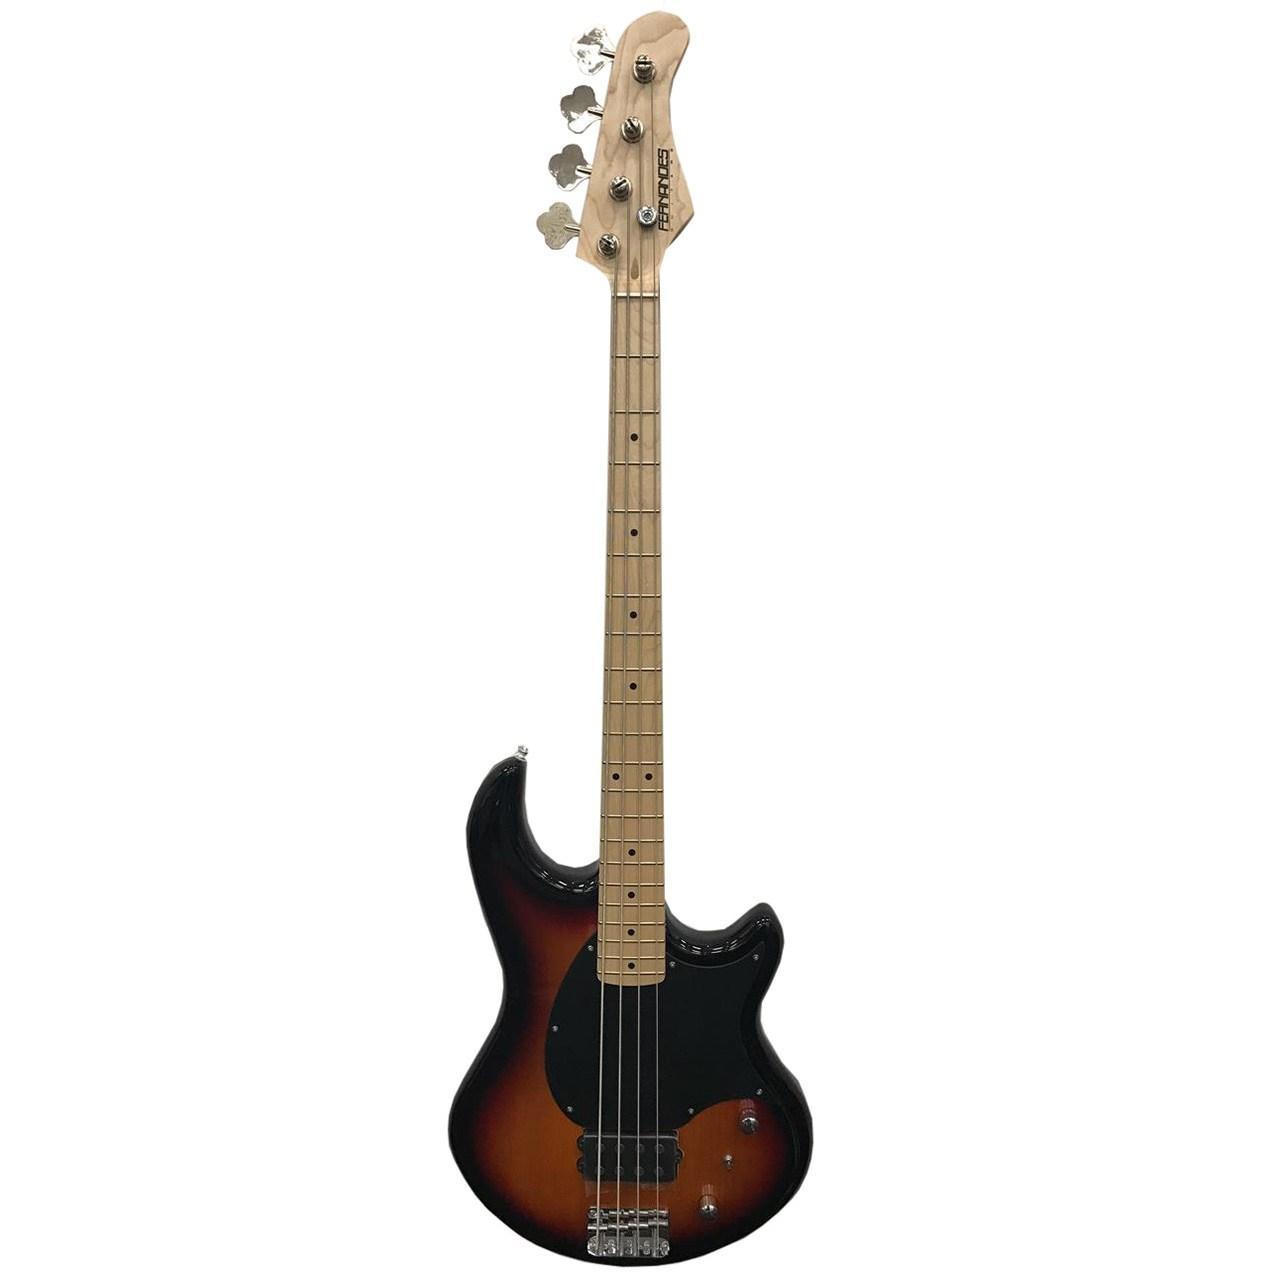 گیتار باس فرناندز مدل Atlas 4X 3SB